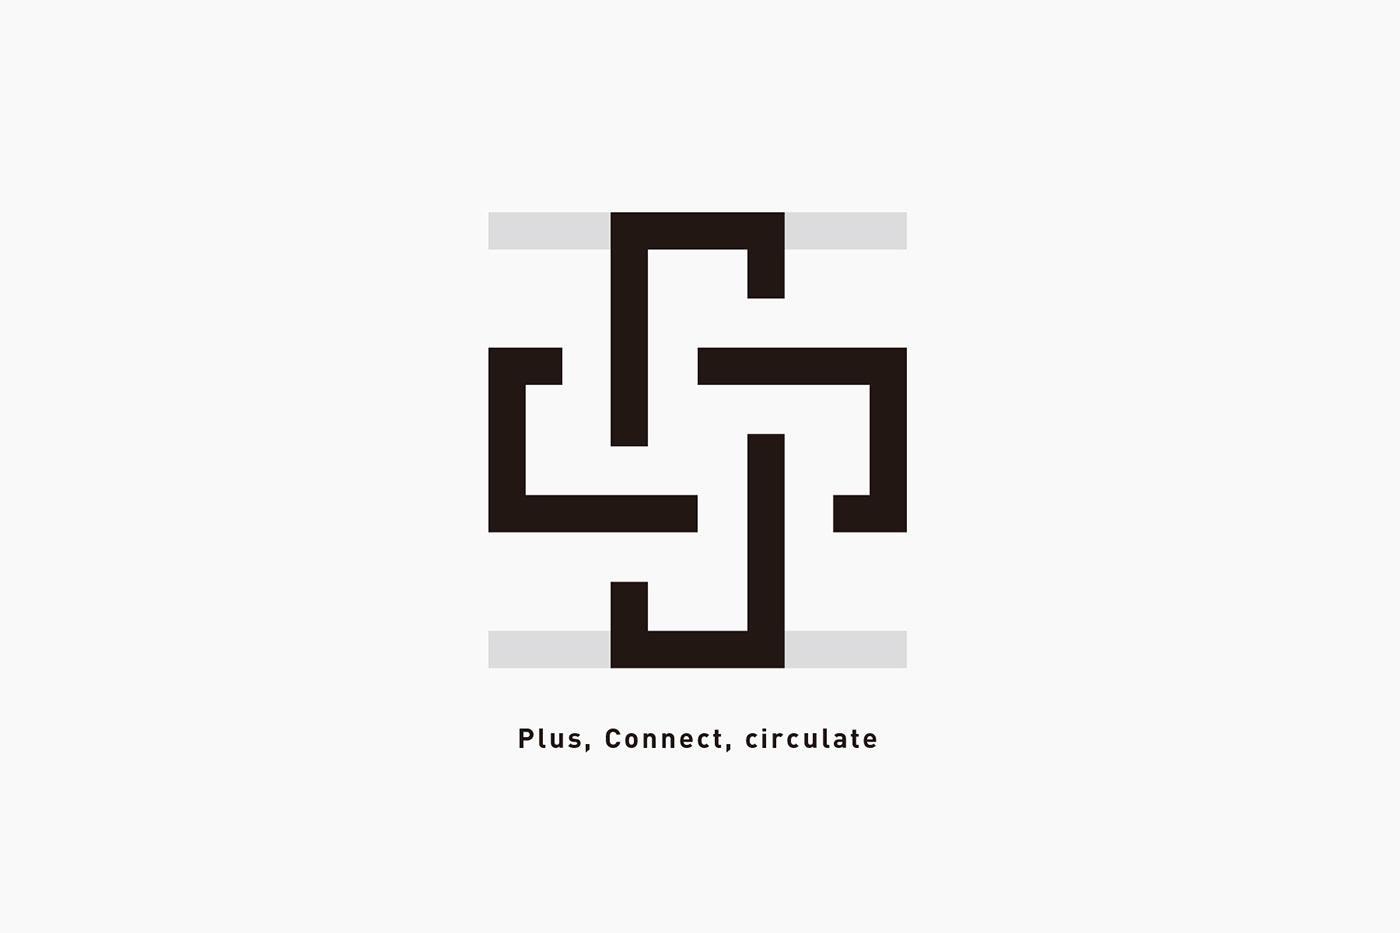 建筑规划Vi设计,建筑公司logo设计,建筑设计事务所形象设计,VI设计欣赏